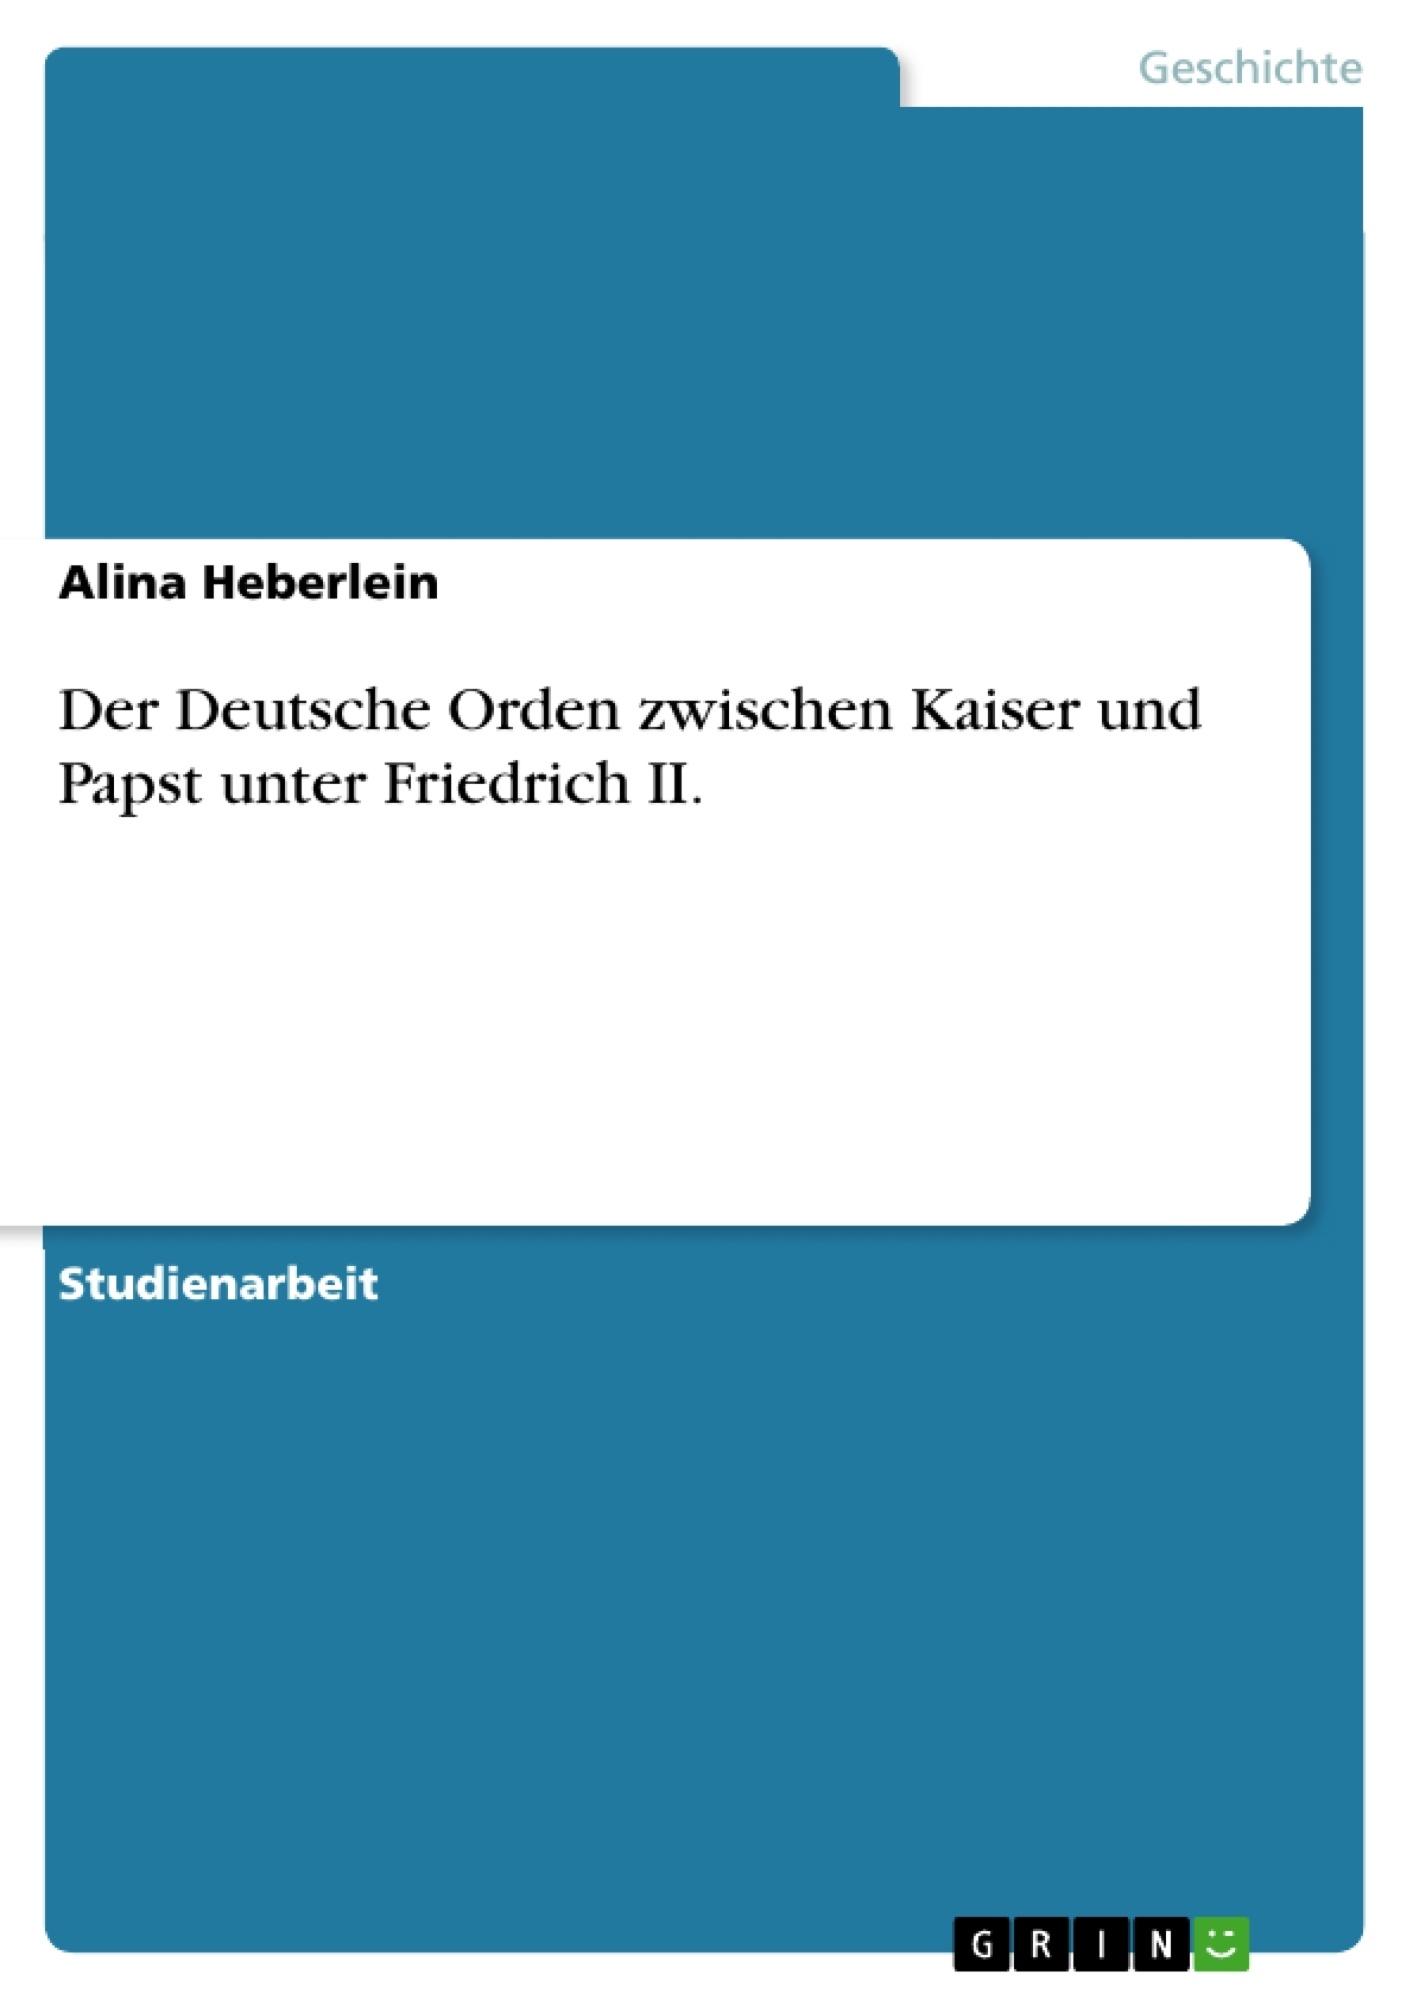 Titel: Der Deutsche Orden zwischen Kaiser und Papst unter Friedrich II.